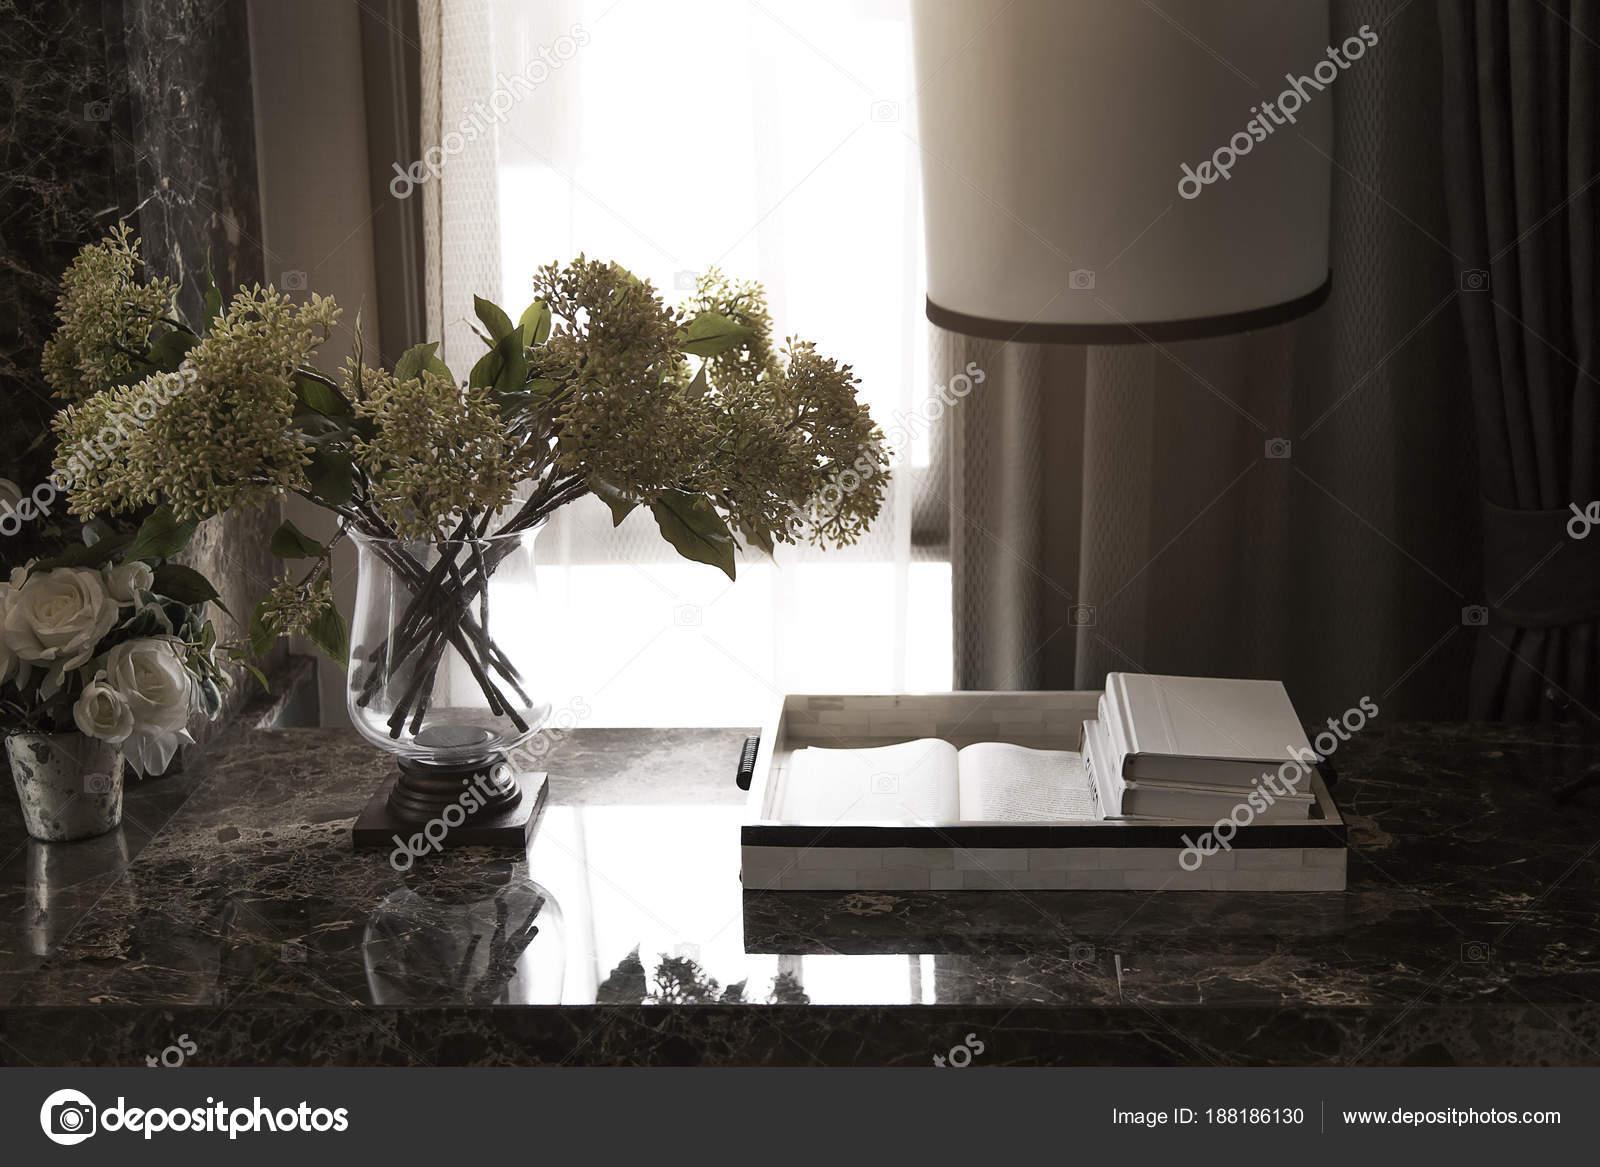 Dekoration Tisch Im Wohnzimmer Mit Buch Stockfoto Yanukit 188186130